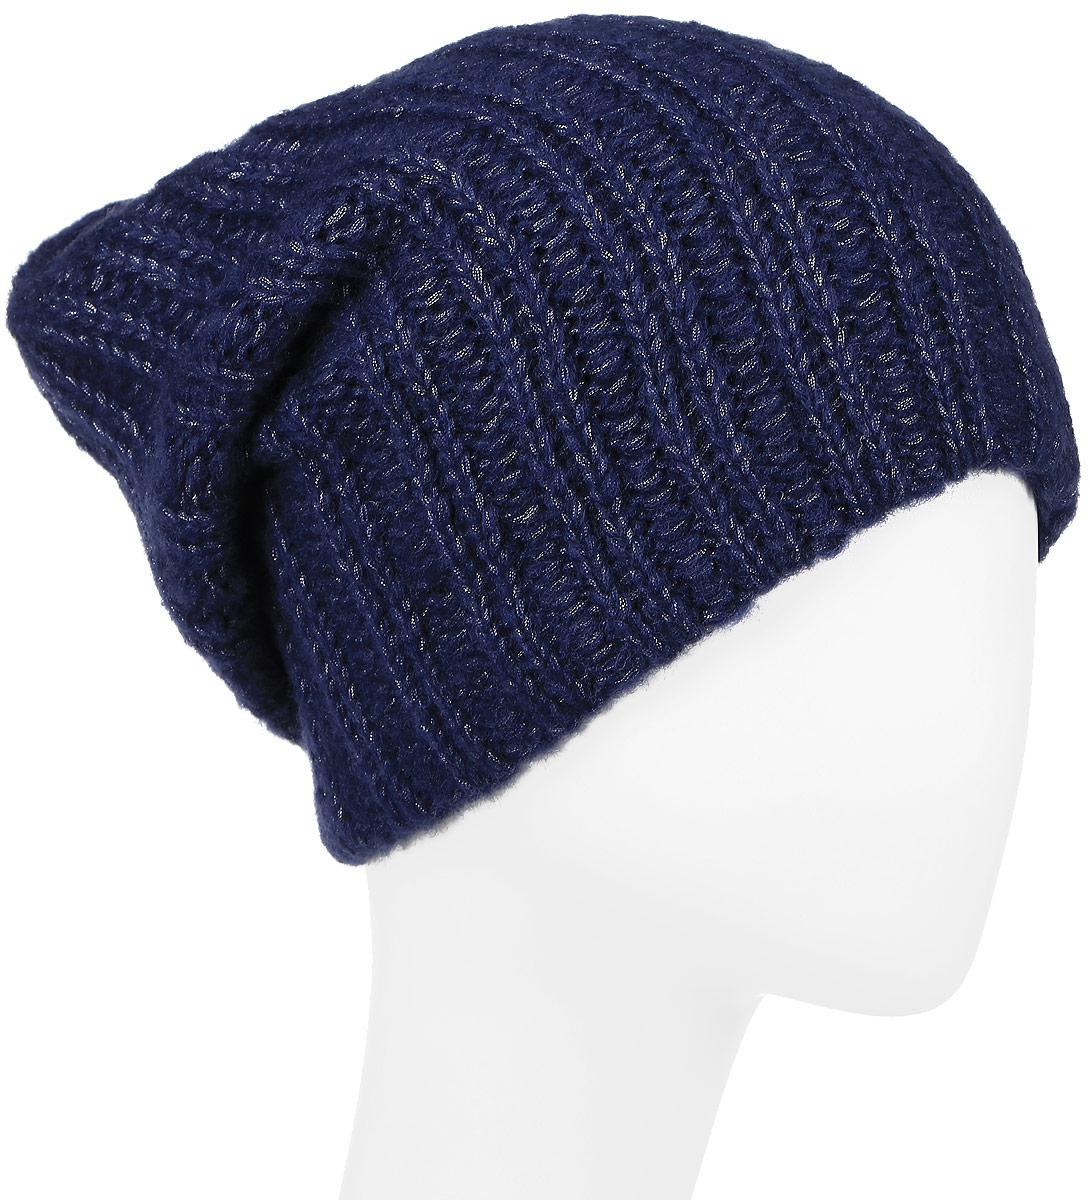 ШапкаW16-11140_211Женская шапка Finn Flare, выполненная из акрила с добавлением шерсти, отлично дополнит ваш образ в холодную погоду. Модель связана резинкой с блестящей нитью. Оформлено изделие фирменной металлической нашивкой. Шапка составит идеальный комплект с модной верхней одеждой и подарит вам уют и тепло. Уважаемые клиенты! Размер, доступный для заказа, является обхватом головы.